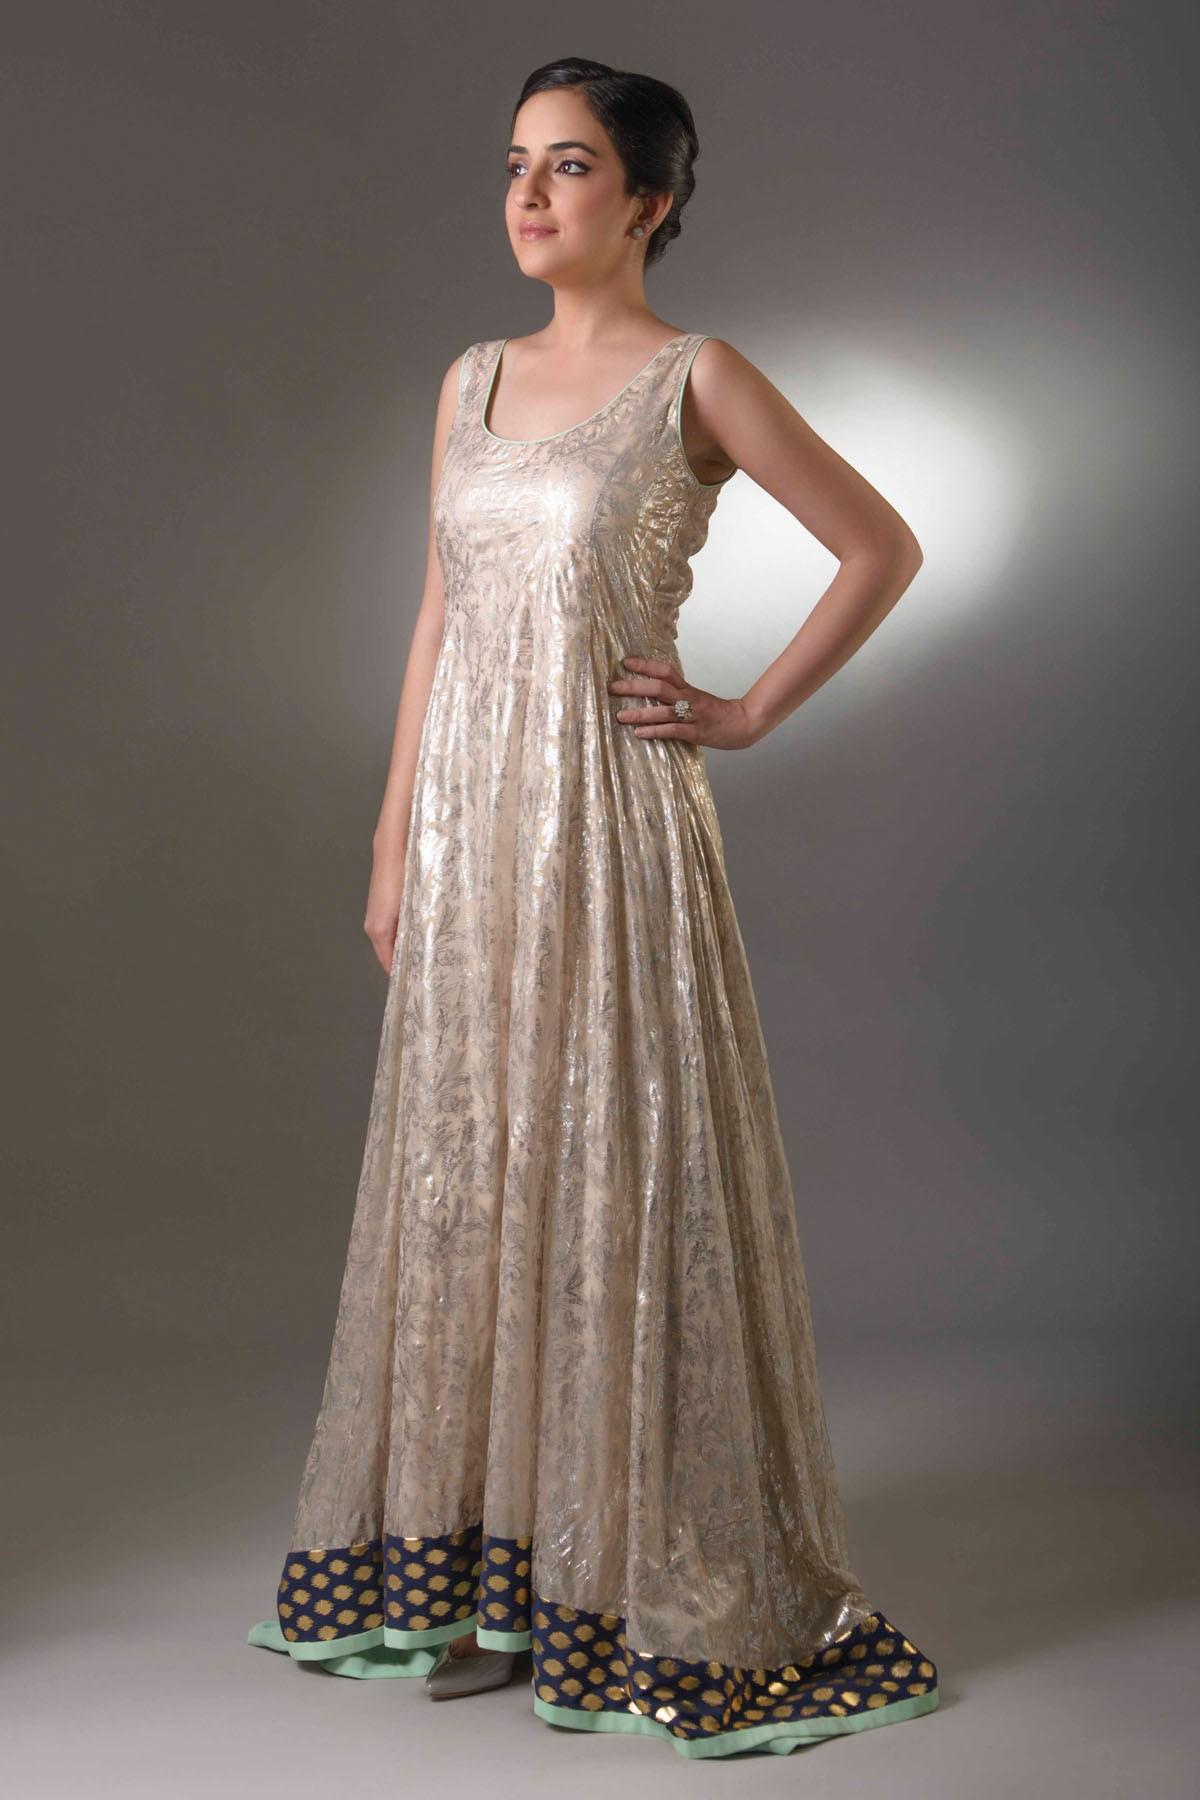 latest wedding dresses for girls 2016